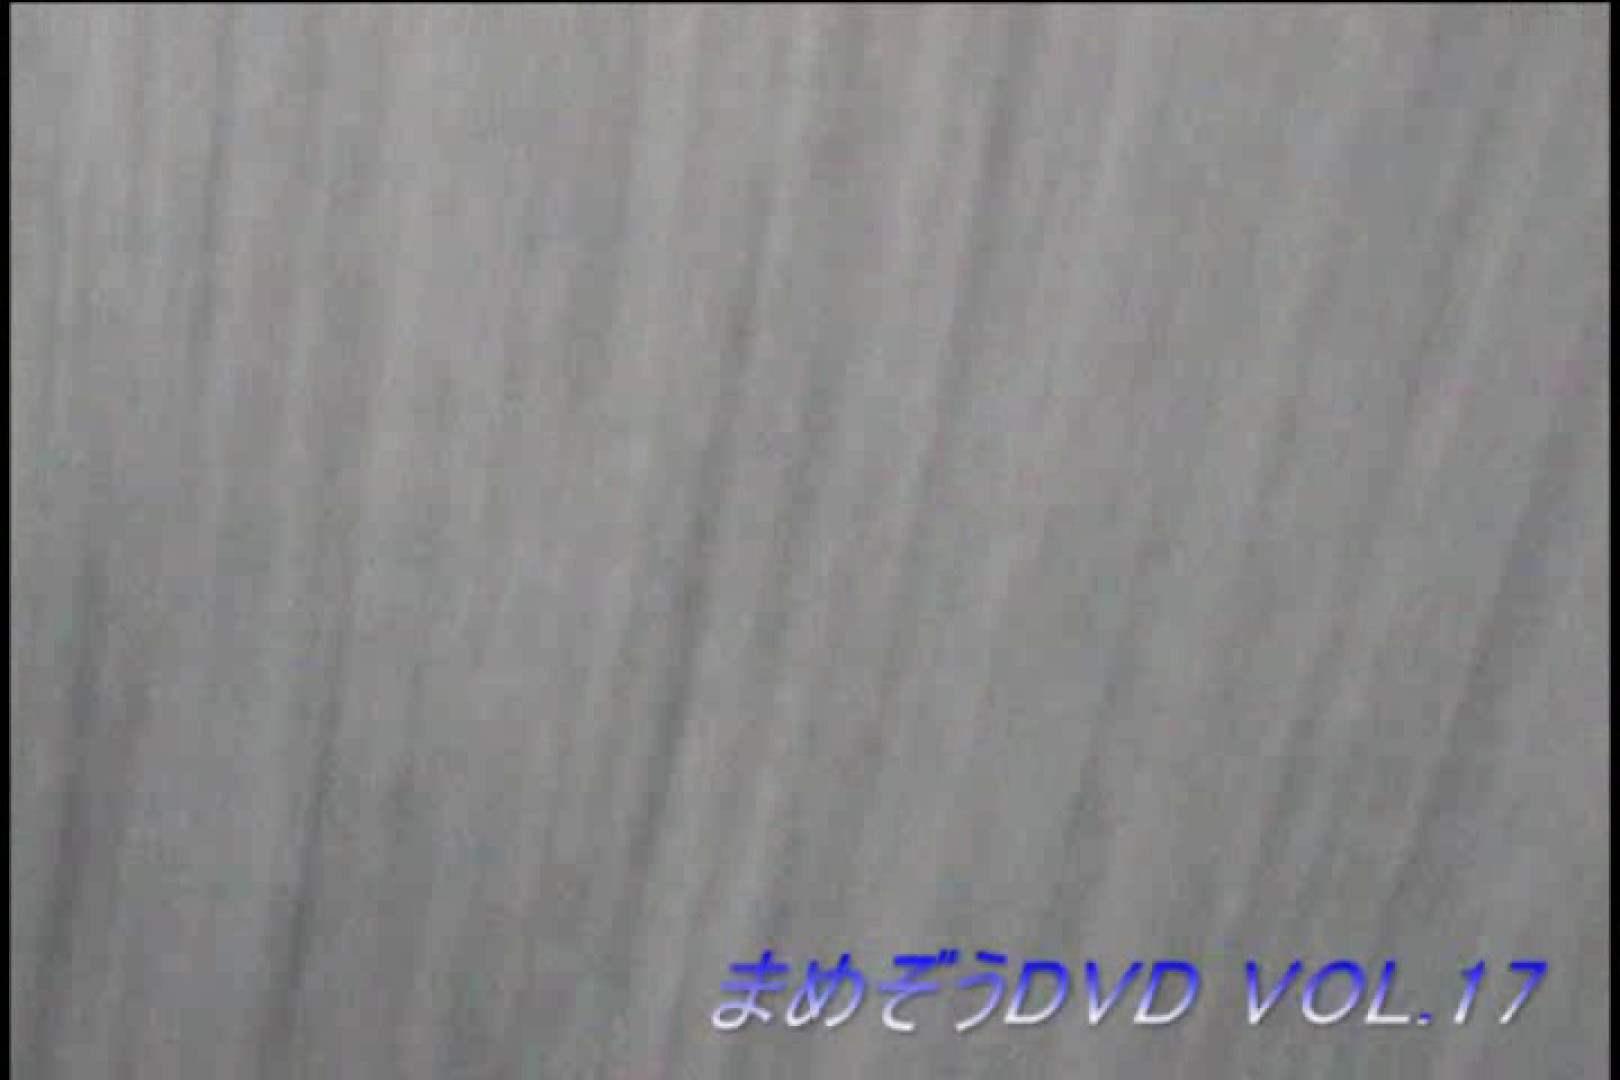 まめぞうDVD完全版VOL.17 洗面所 | ギャル攻め  94画像 21